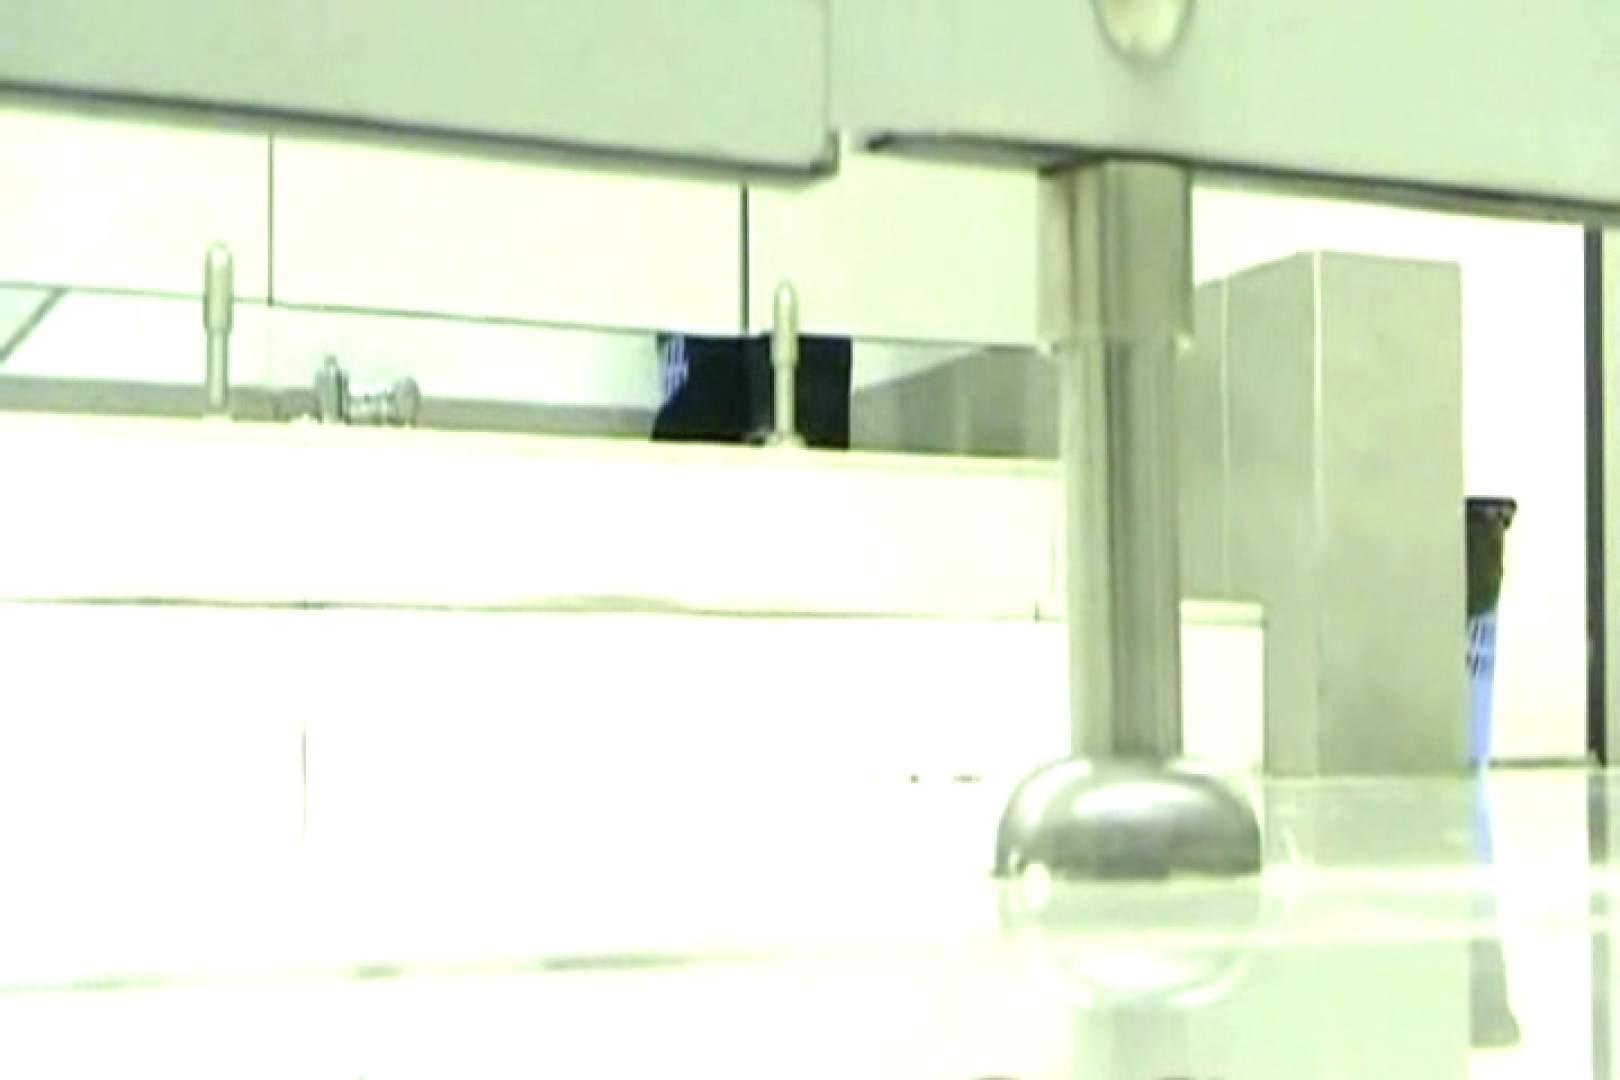 ぼっとん洗面所スペシャルVol.2 洗面所突入 | マンコ・ムレムレ  106pic 77